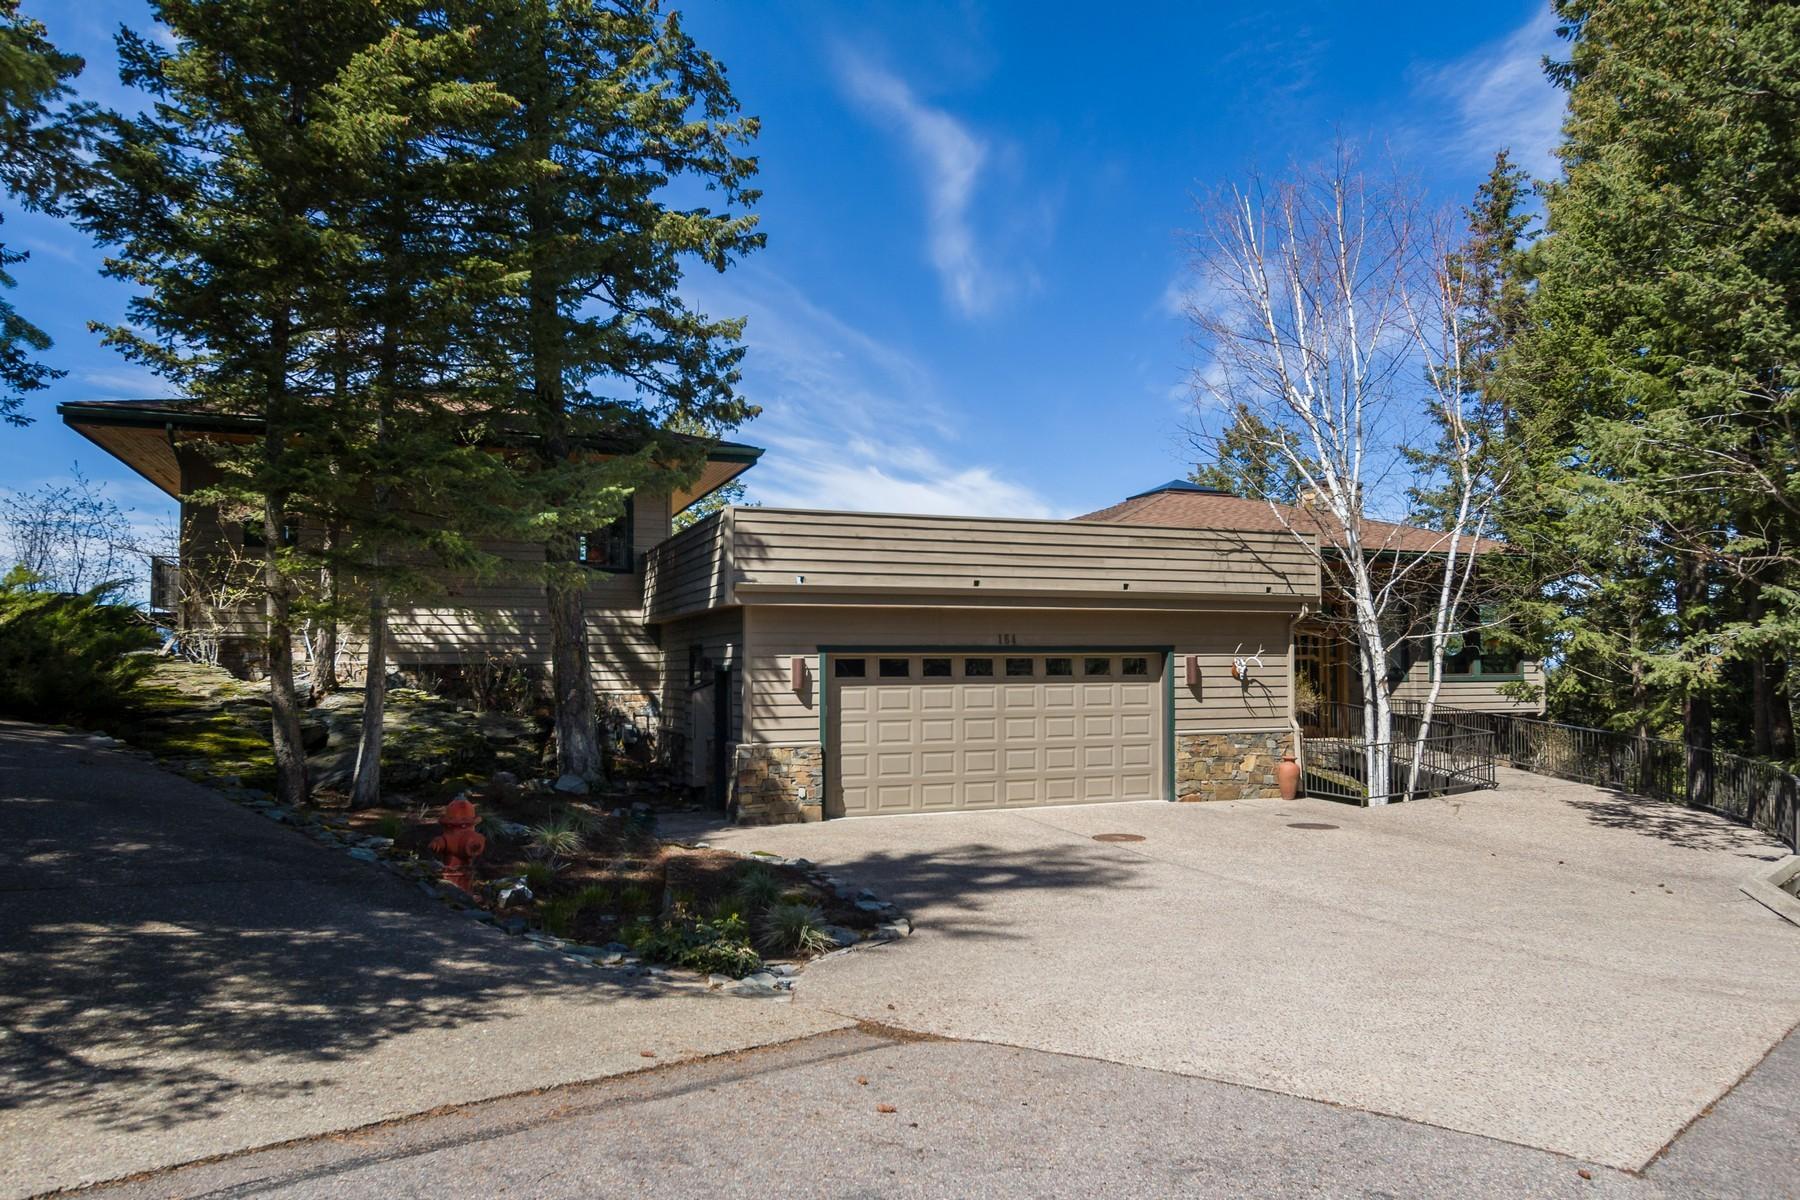 Частный односемейный дом для того Продажа на 164 Bjork Dr , Bigfork, MT 59911 164 Bjork Dr Bigfork, Монтана, 59911 Соединенные Штаты